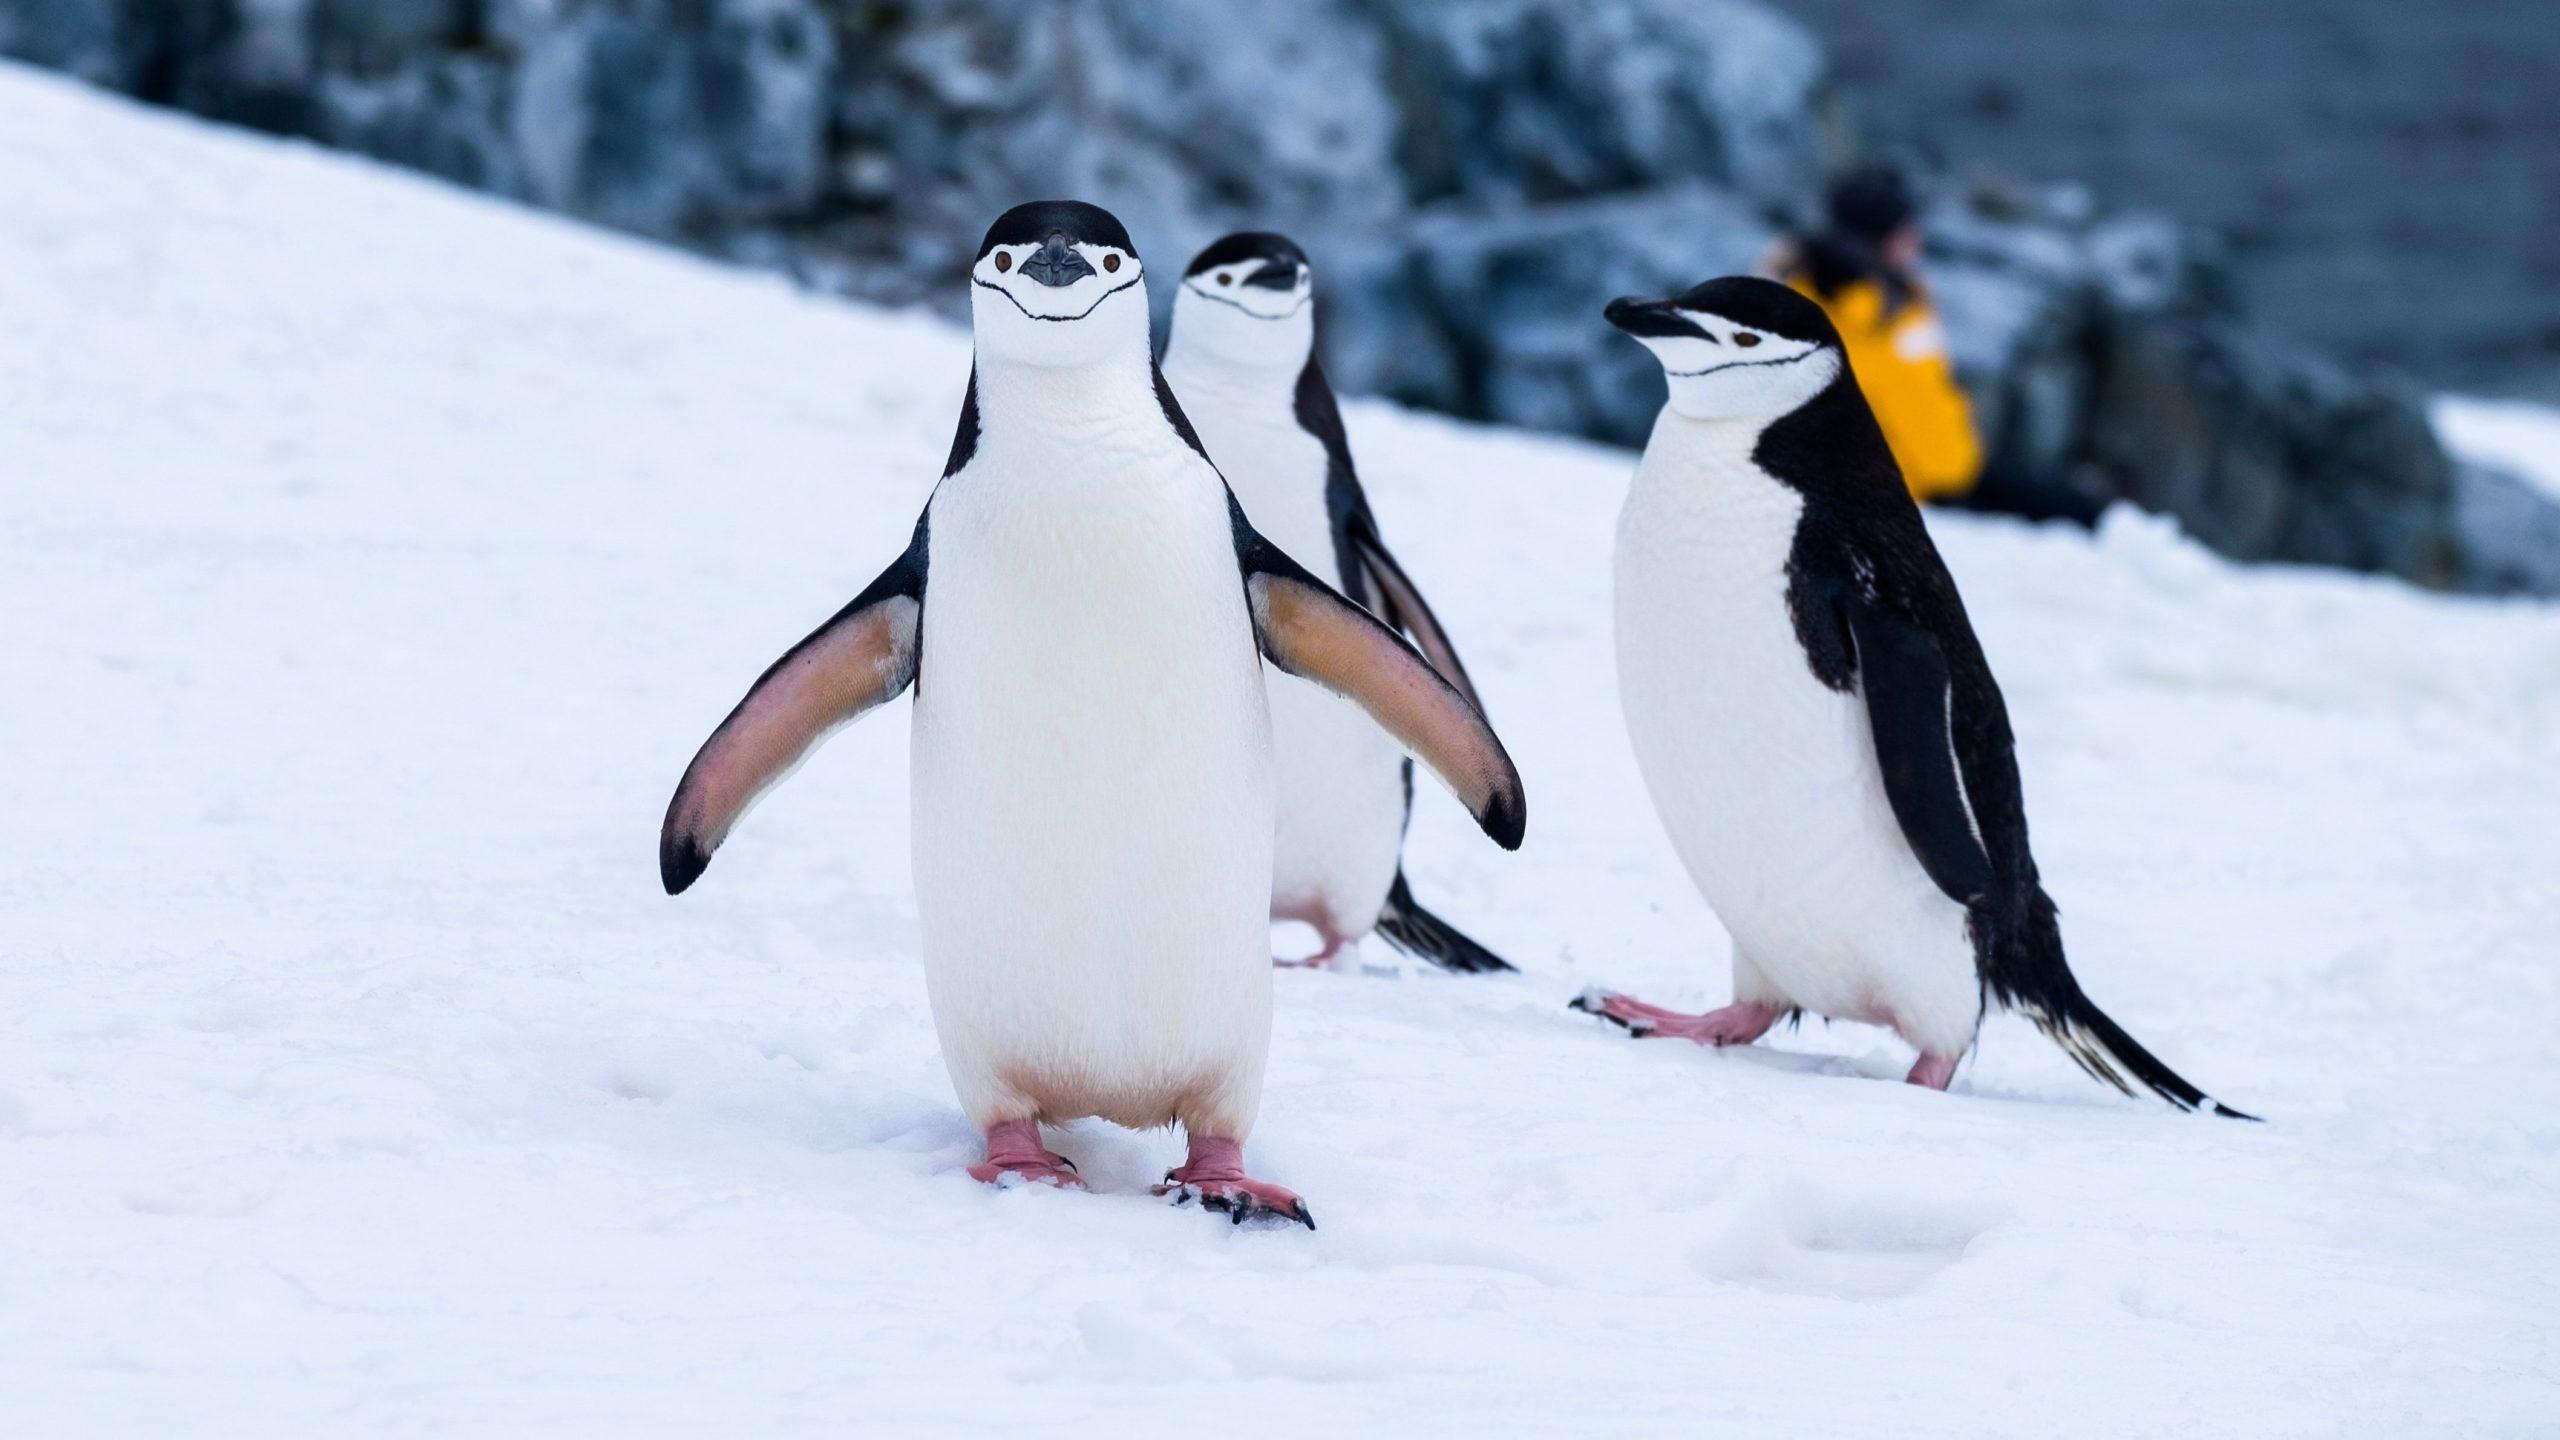 penguins desktop backgrounds